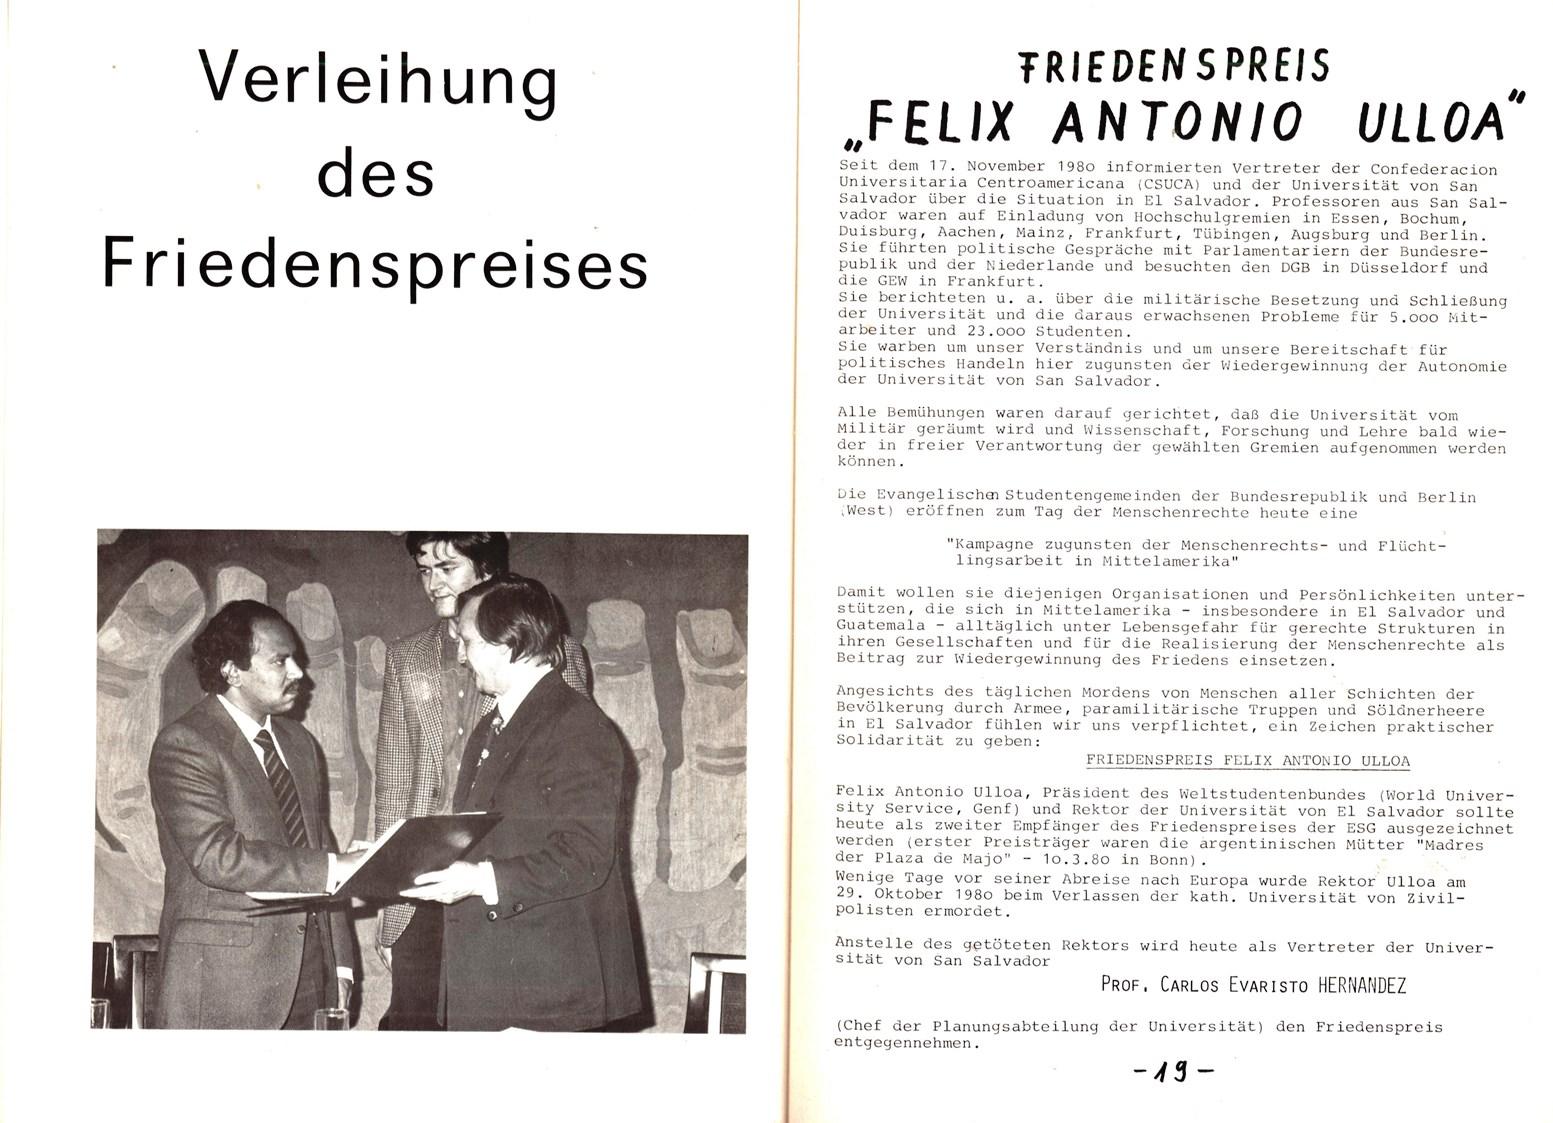 El_Salvador_Friedenspreis_12